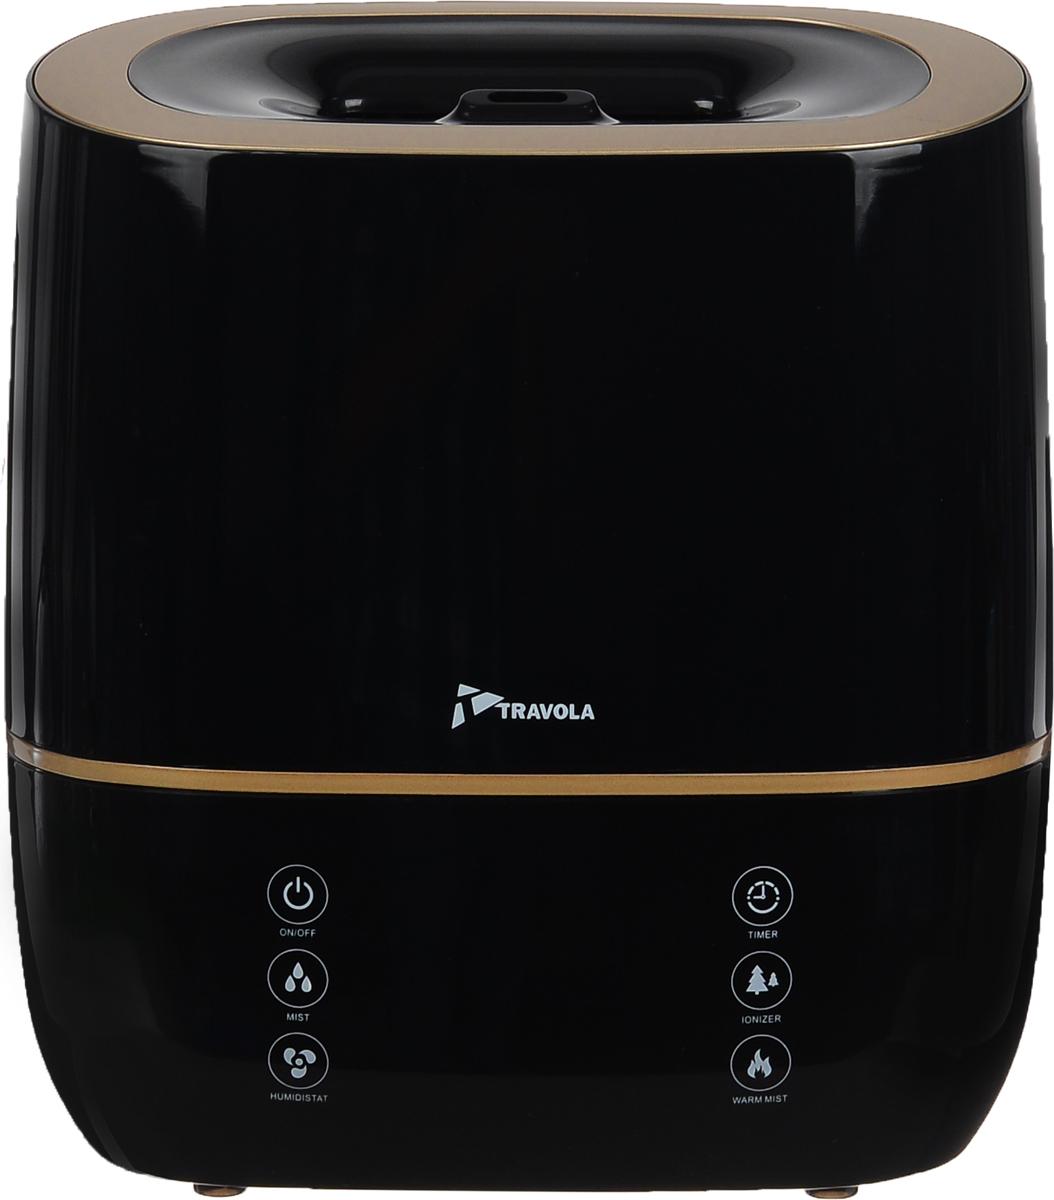 Travola GO-2845, Black Gold увлажнитель воздухаGO-2845 goldenУвлажнитель воздуха Travola GO-2845 сделает воздух в вашем доме чистым и свежим, а декоративный дизайн станет хорошим украшением вашей комнаты. Устройство очень просто в использовании и обладает высокой надежностью и качеством. С помощью специального регулятора можно изменять уровень влажности (имеется несколько уровней). Среди дополнительных функций можно выделить ионизацию воздуха, теплый и холодный пар, а также автоматическое отключение при отсутствии воды в резервуаре. Площадь увлажнения: до 20 м. * Победитель номинации «Лучшая собственная торговая марка в сегменте ONLINE» Премия PRIVATE LABEL AWARDS (by IPLS) —международная премия в области собственных торговых марок, созданная компанией Reed Exhibitions в рамках выставки «Собственная Торговая Марка» (IPLS) 2016 с целью поощрения розничных сетей, а также производителей продовольственных и непродовольственных товаров за их вклад в развитие качественных товаров private label, которые способствуют...